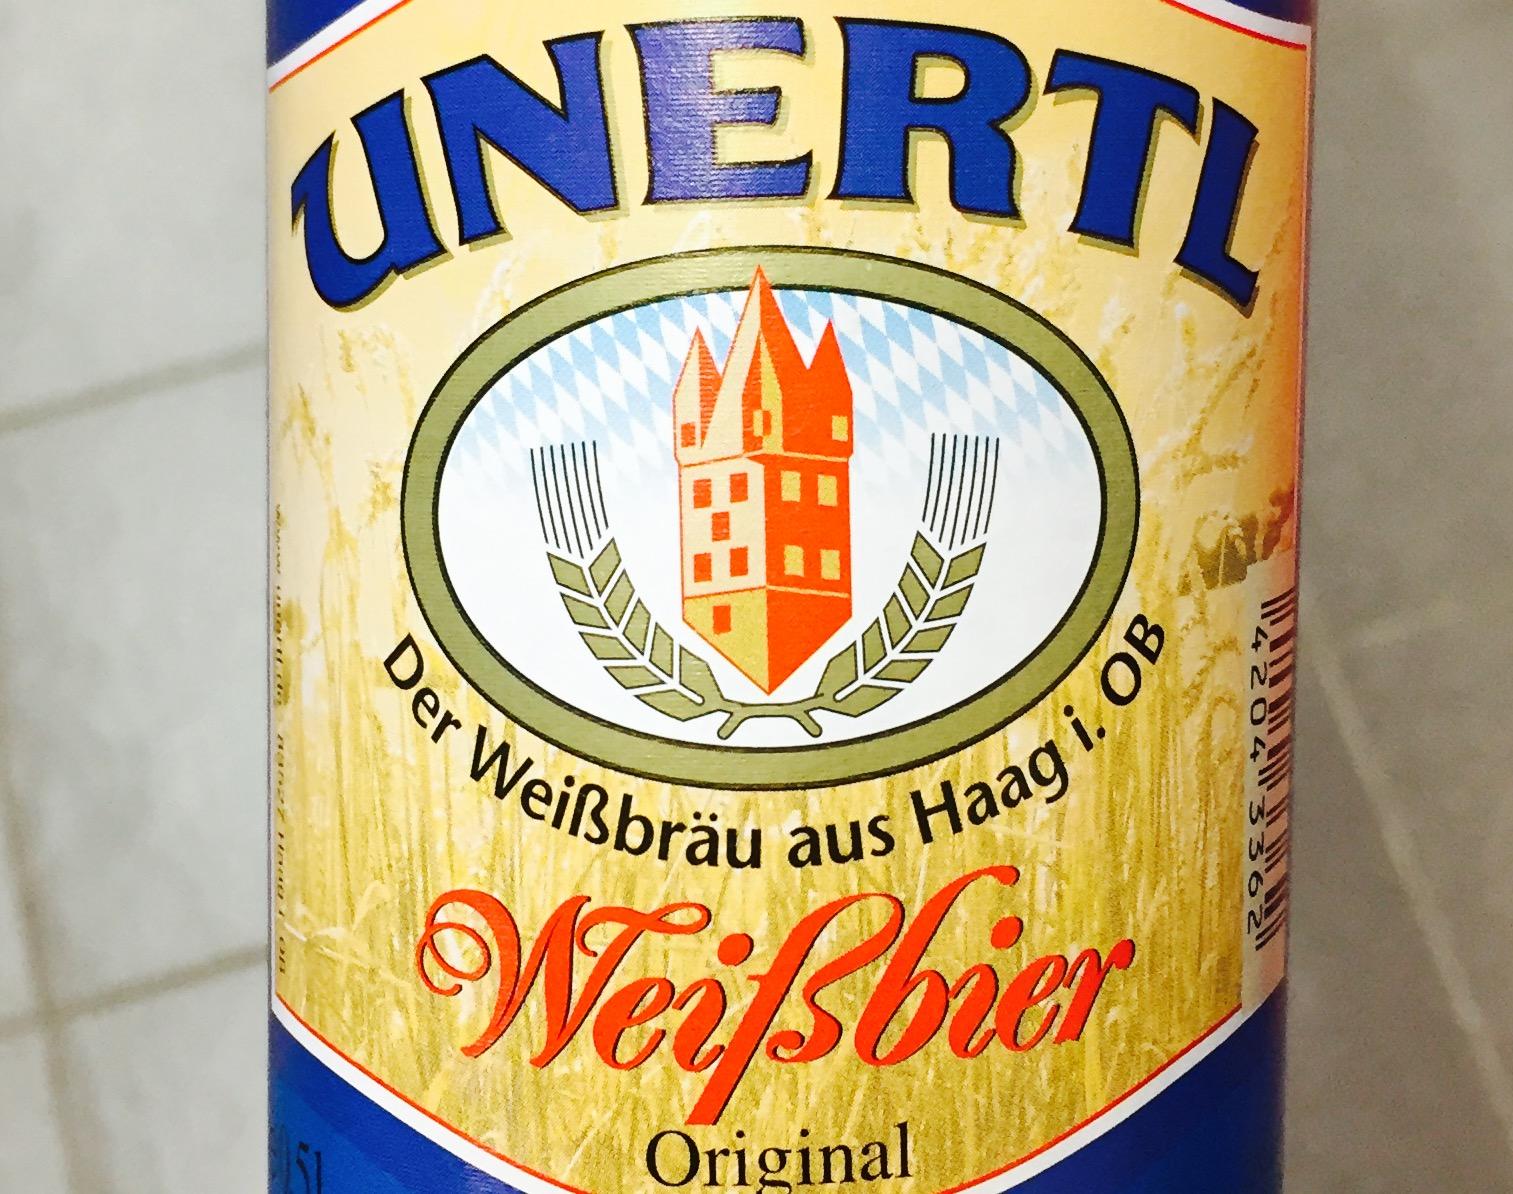 Unertl - Weißbier Original